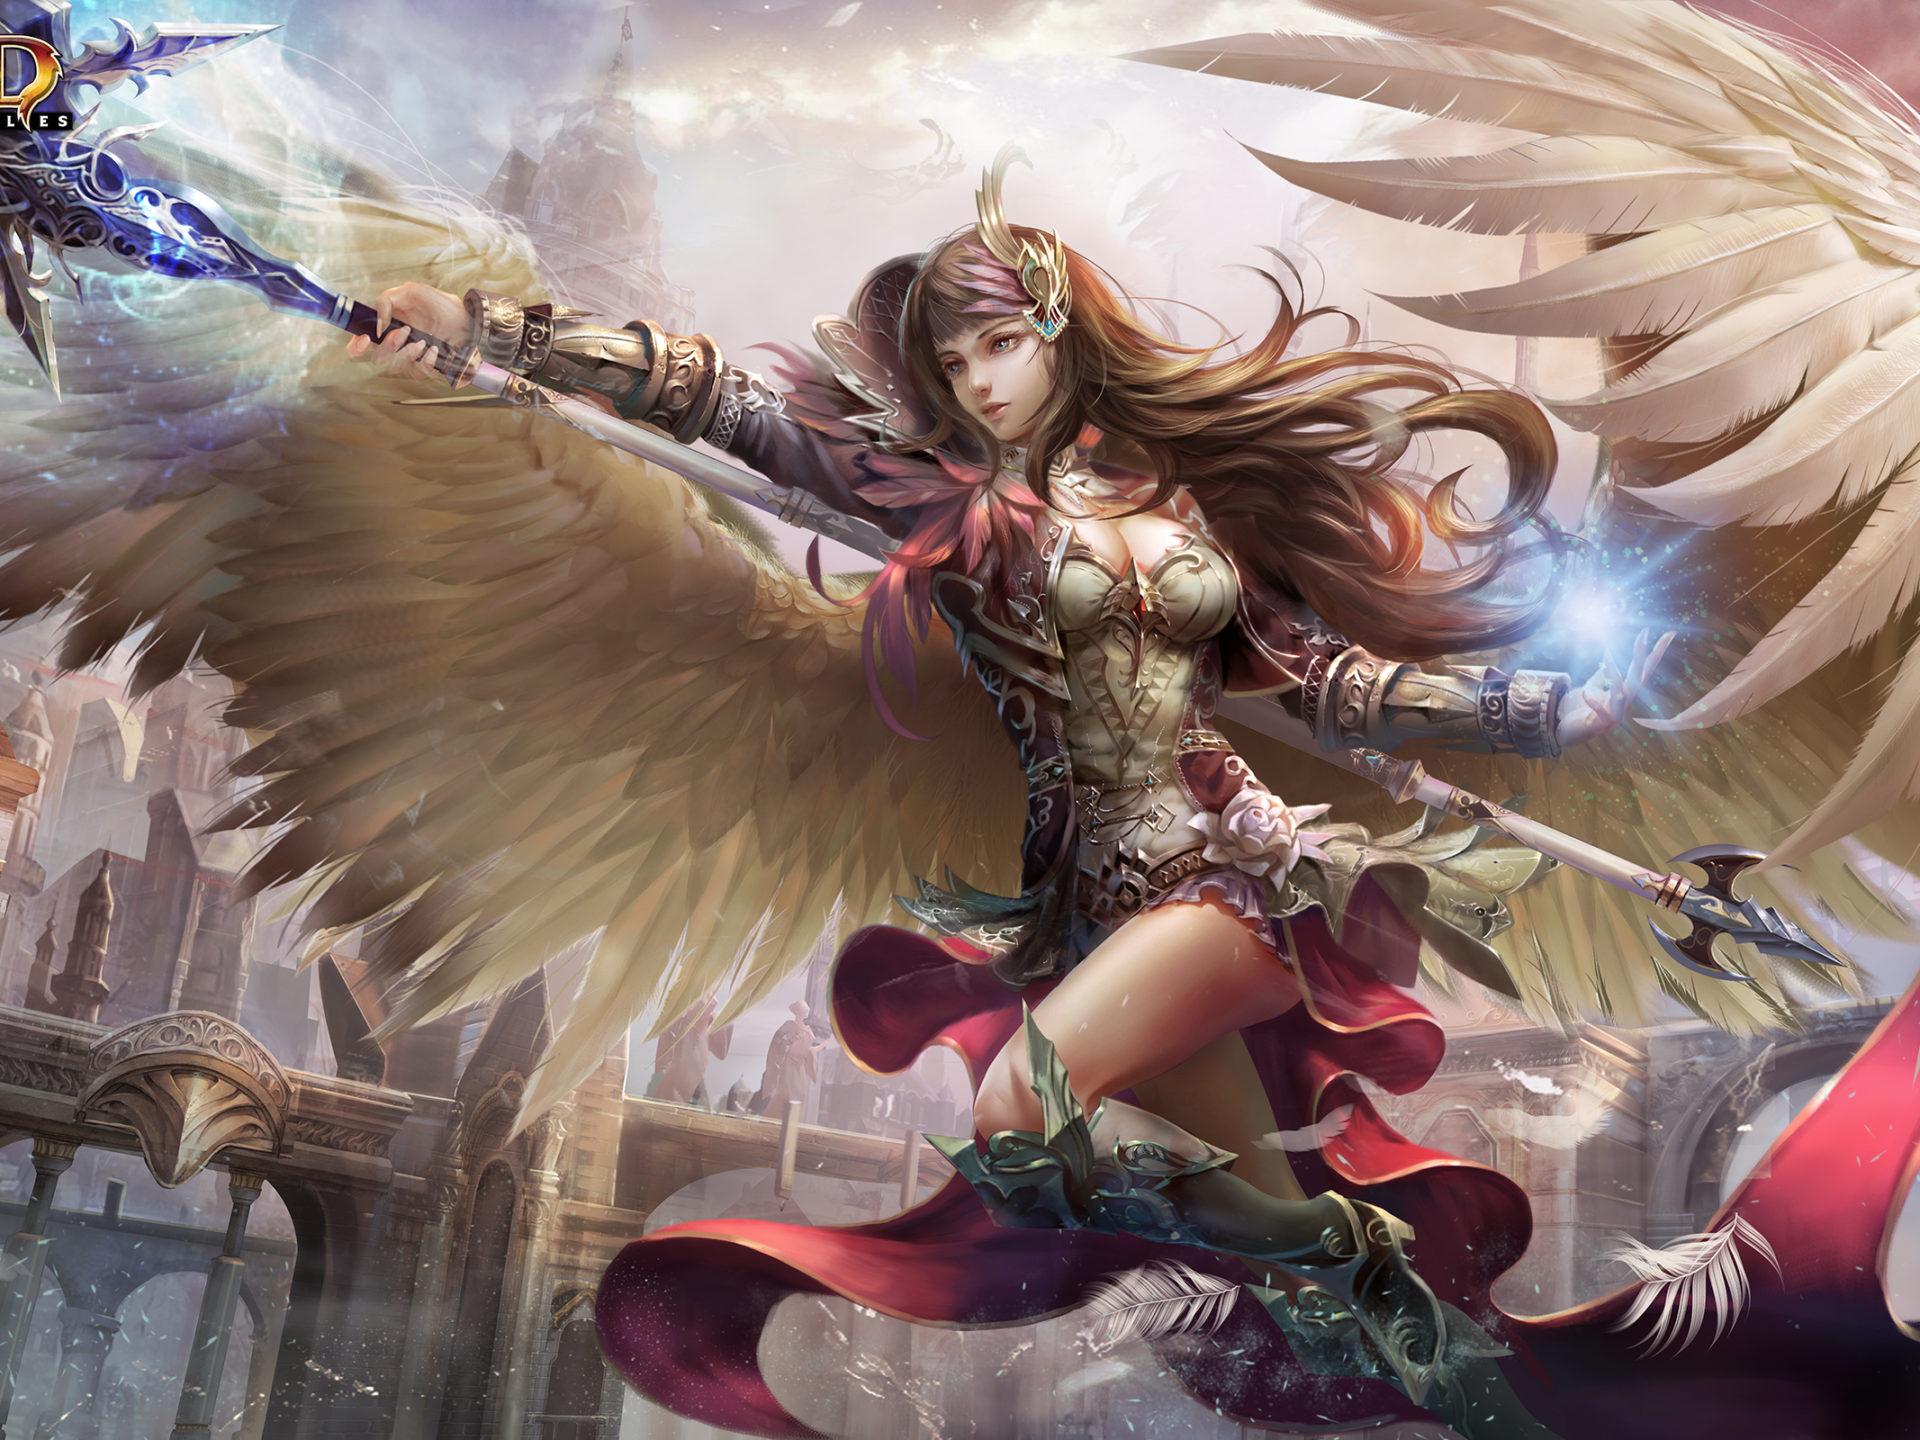 Japn Girl Sword Wallpaper Hcd Game Supplies Avenging Angel Wallpaper Hd 2560x1600